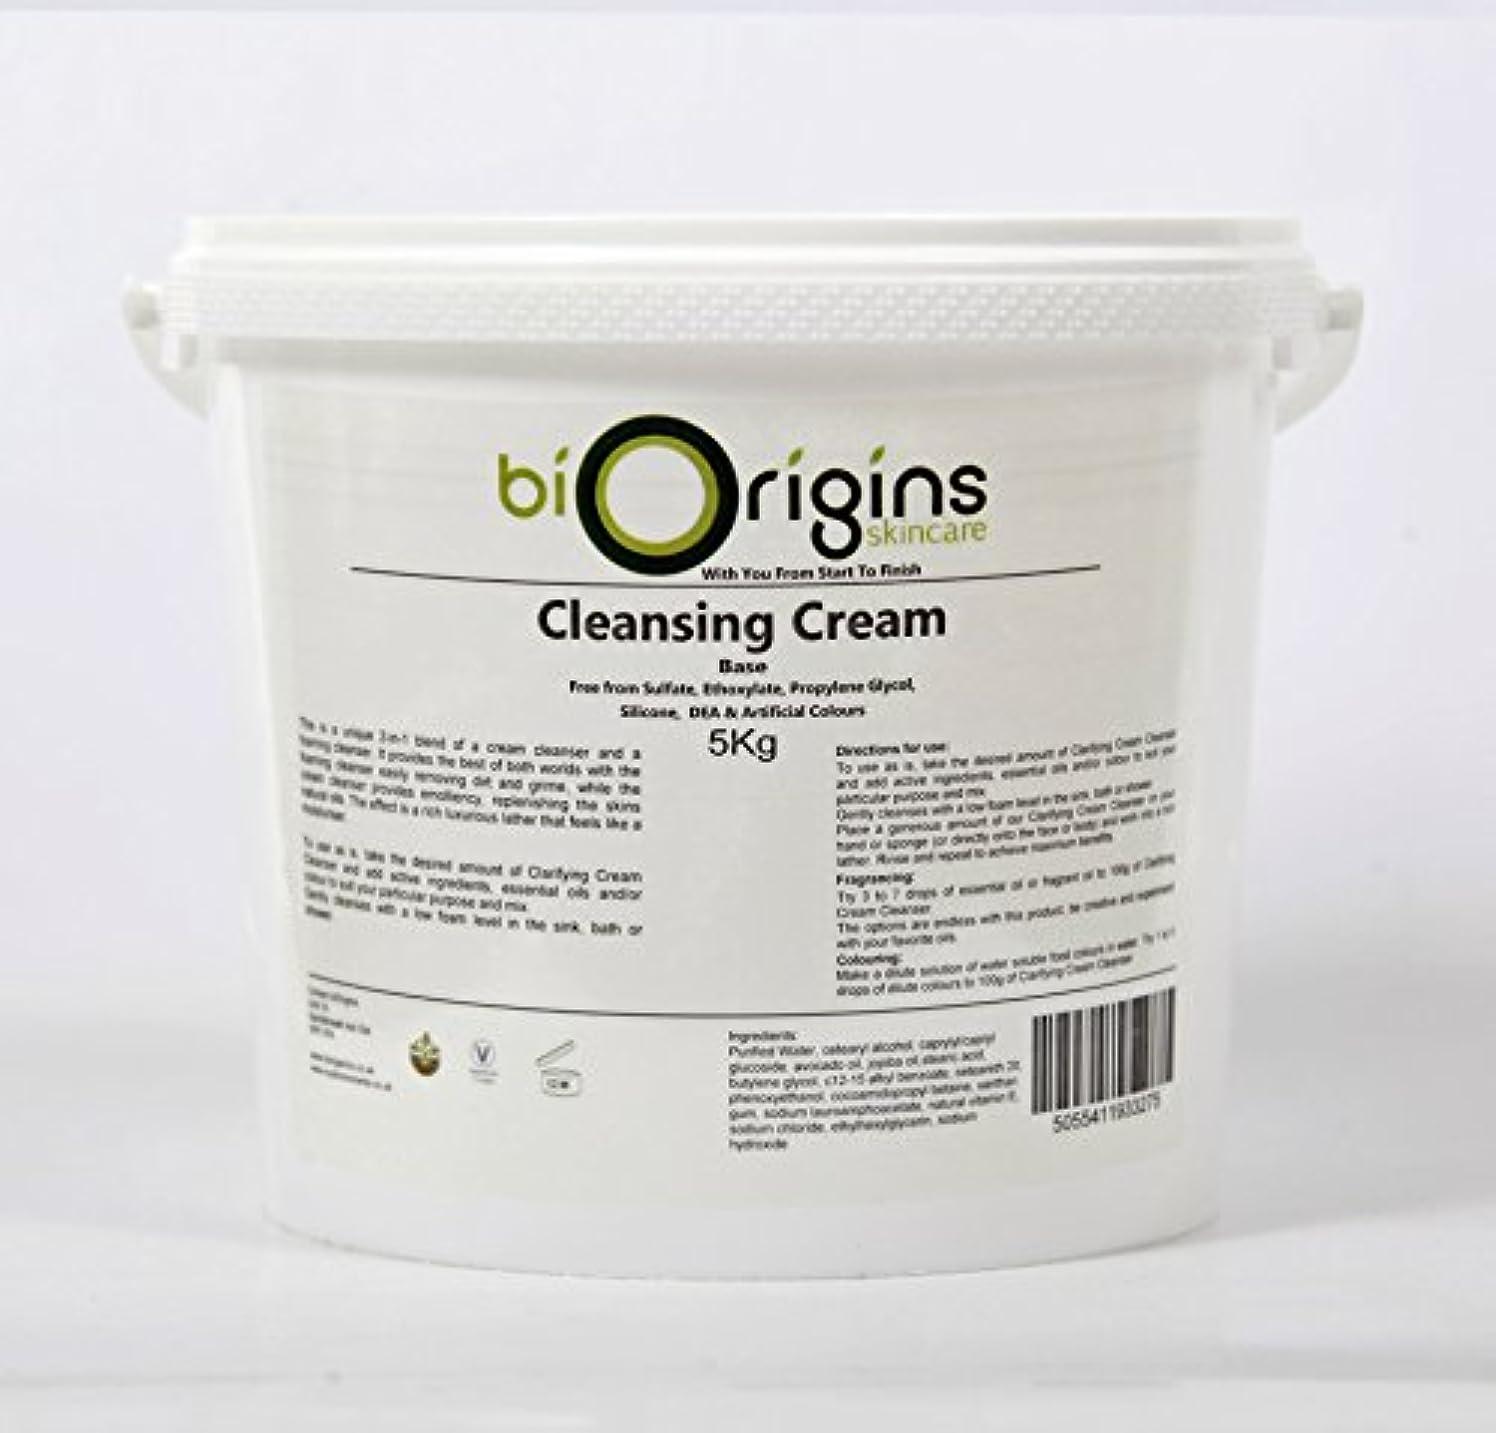 アラブサラボアスリートハイライトClarifying Cleansing Cream - Botanical Skincare Base - 5Kg